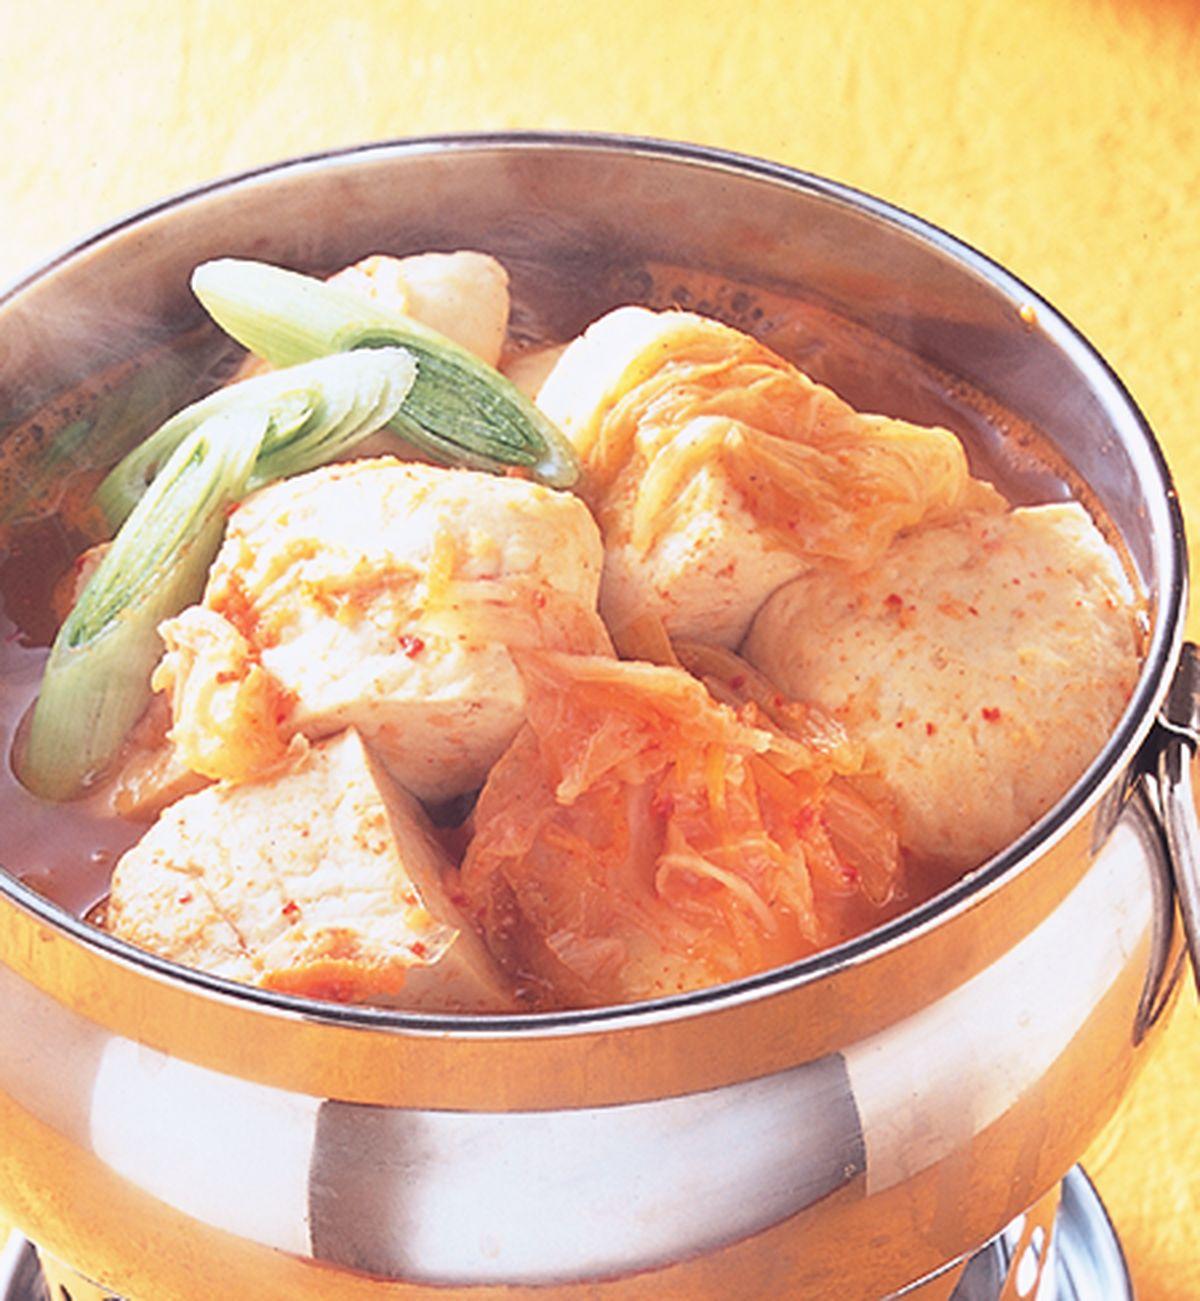 食譜:臭豆腐泡菜鍋